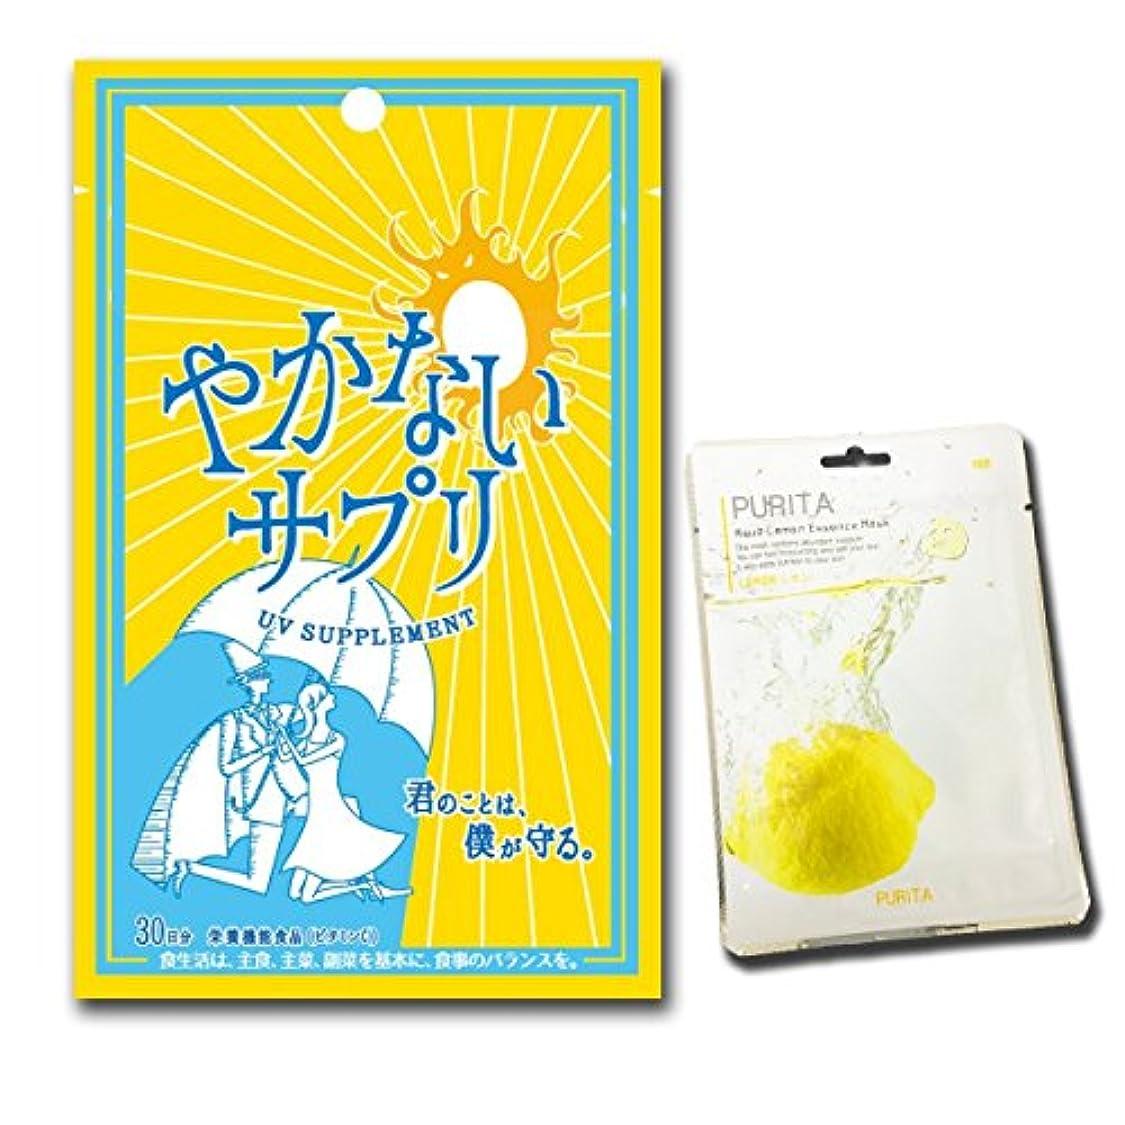 日記トラック何十人も飲む日焼け止め やかないサプリ 日本製 (30粒/30日分) PURITAフェイスマスク1枚付